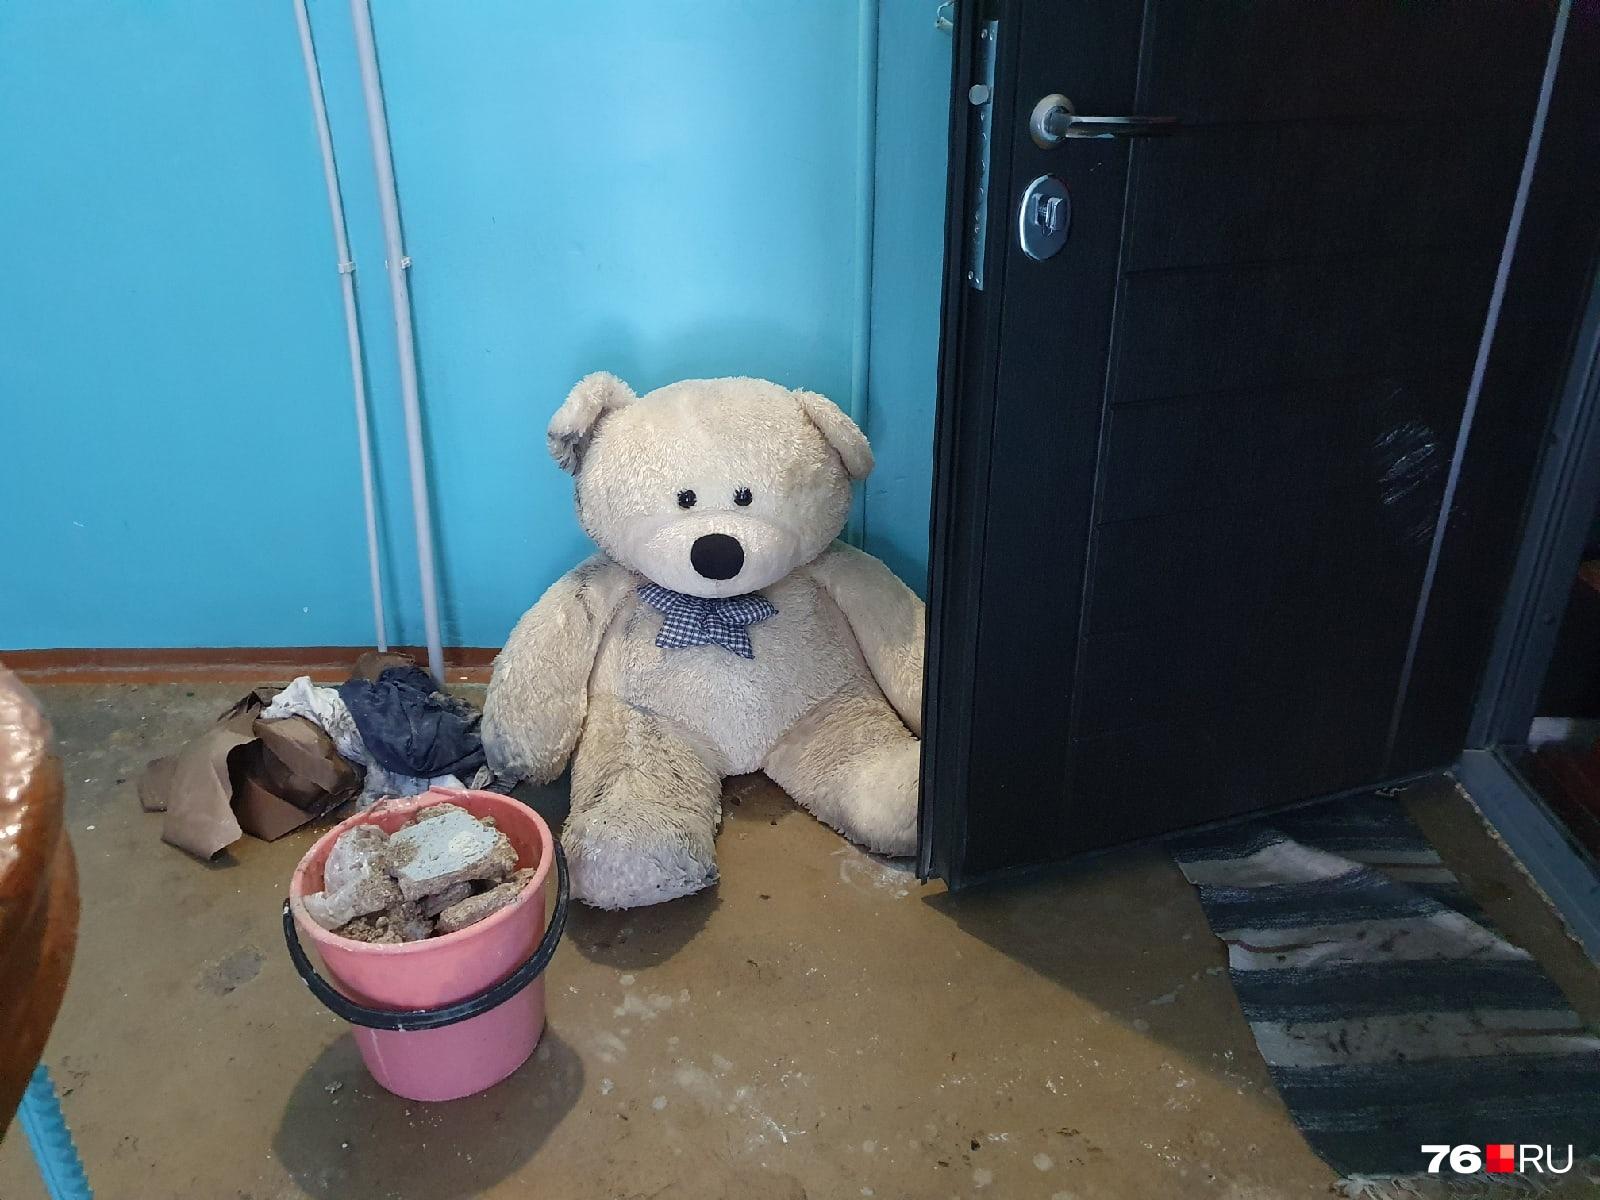 Жильцы подъезда выносят на мусорку испорченные вещи и куски потолка